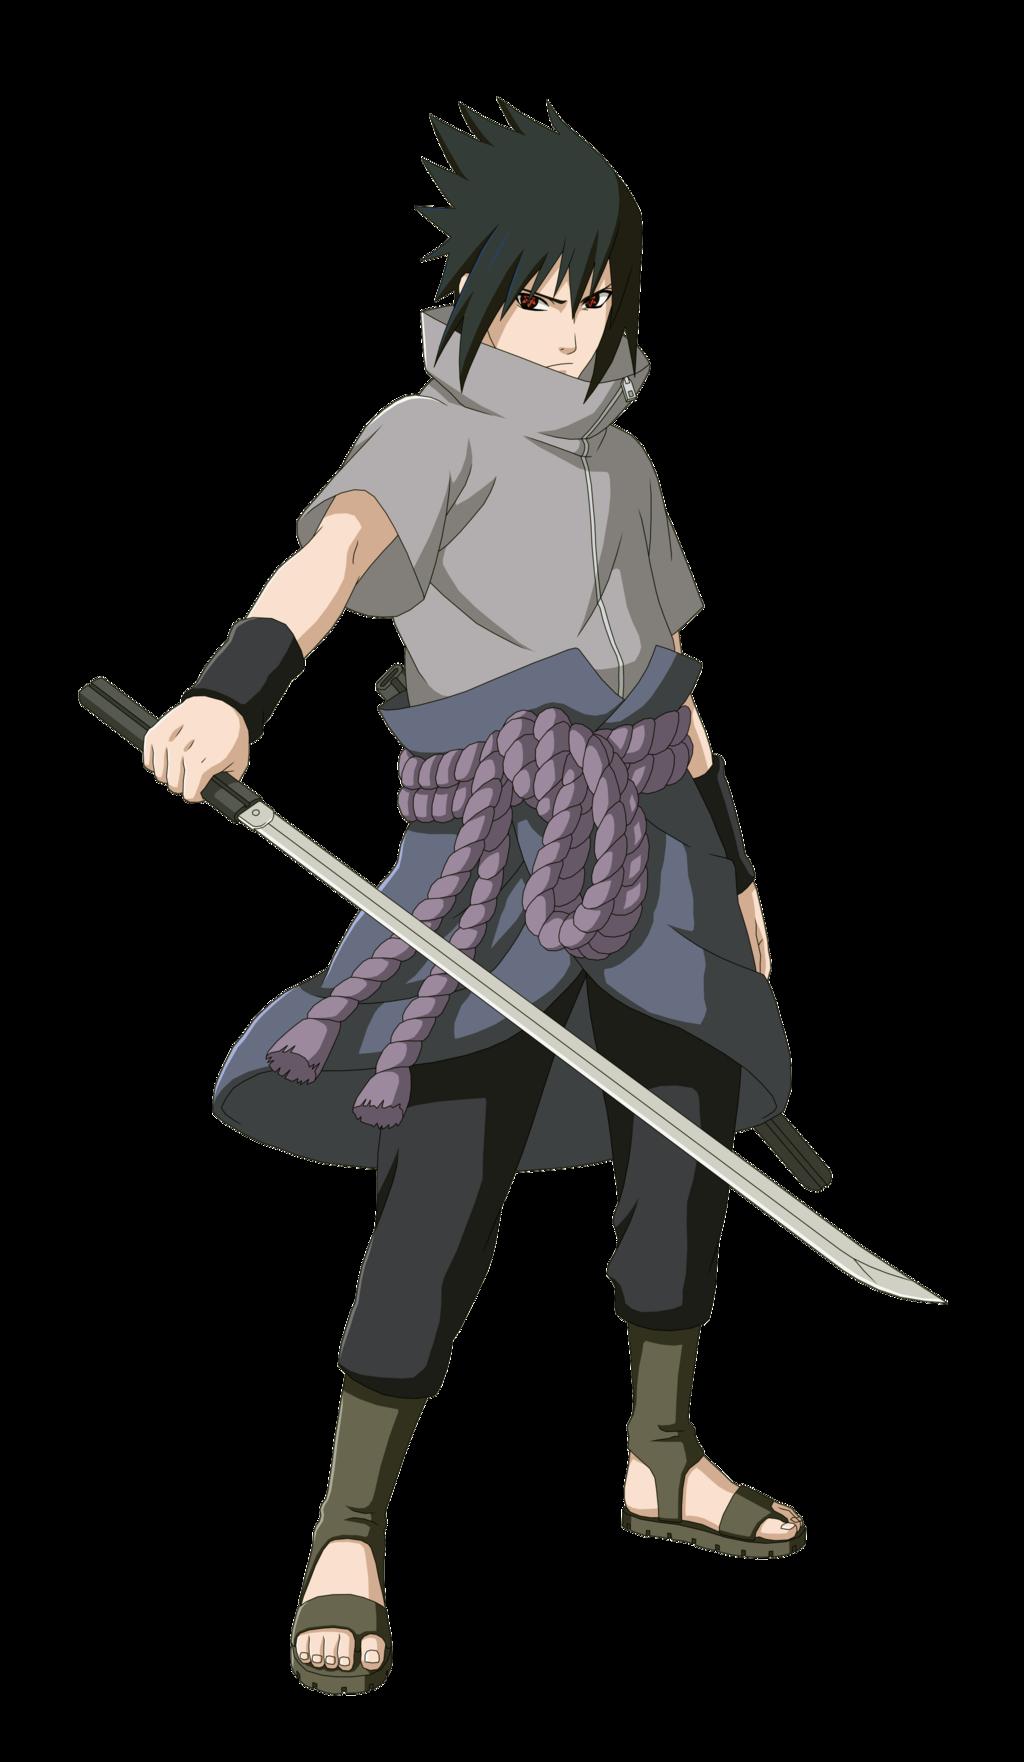 Sasuke [Eternal Mangekyou Sharingan (Full HD)] by